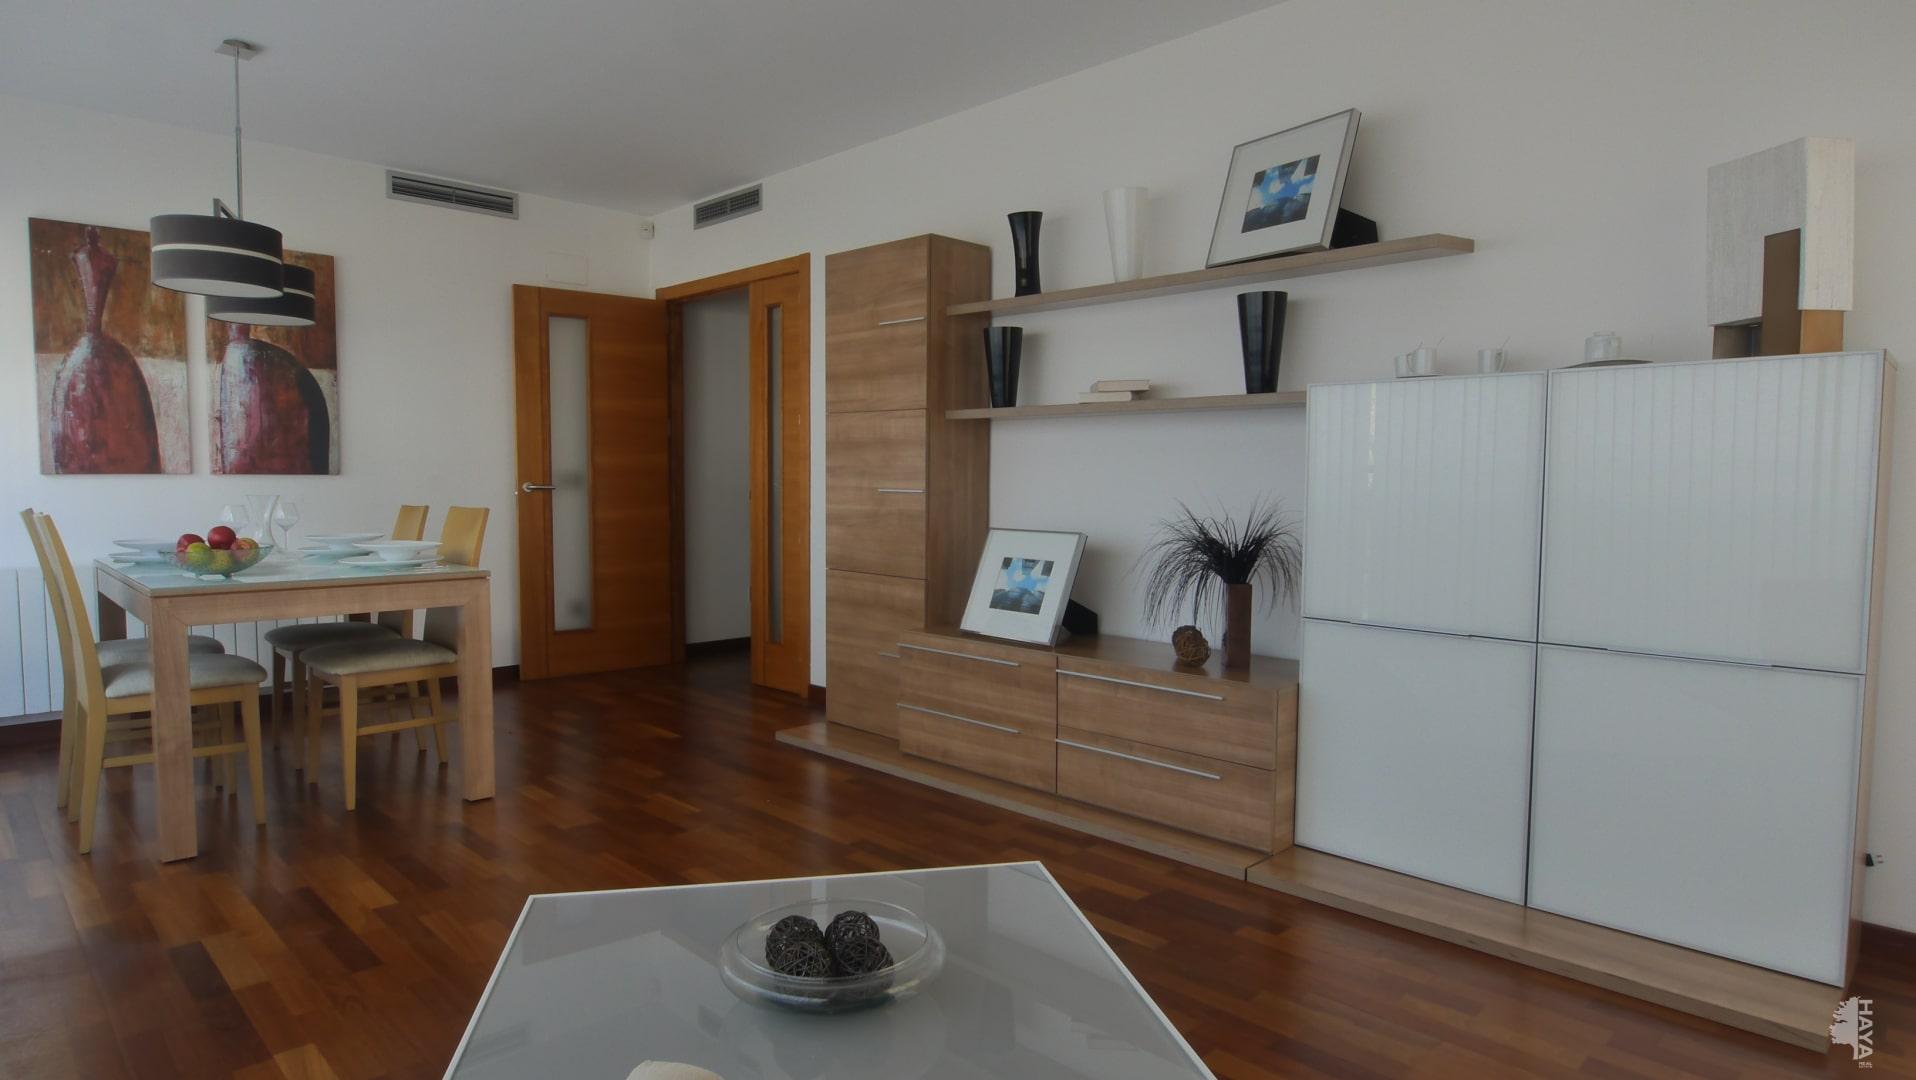 Piso en venta en Castellón de la Plana/castelló de la Plana, Castellón, Avenida Villarreal, 110.000 €, 1 habitación, 1 baño, 55 m2